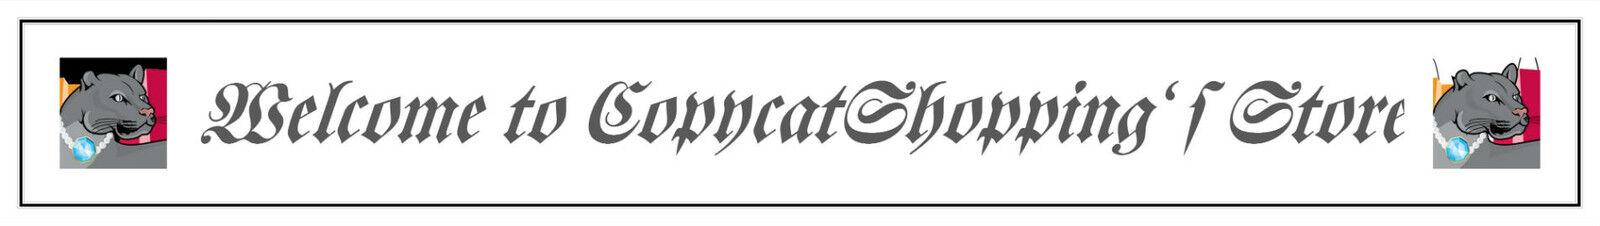 copycatshopping